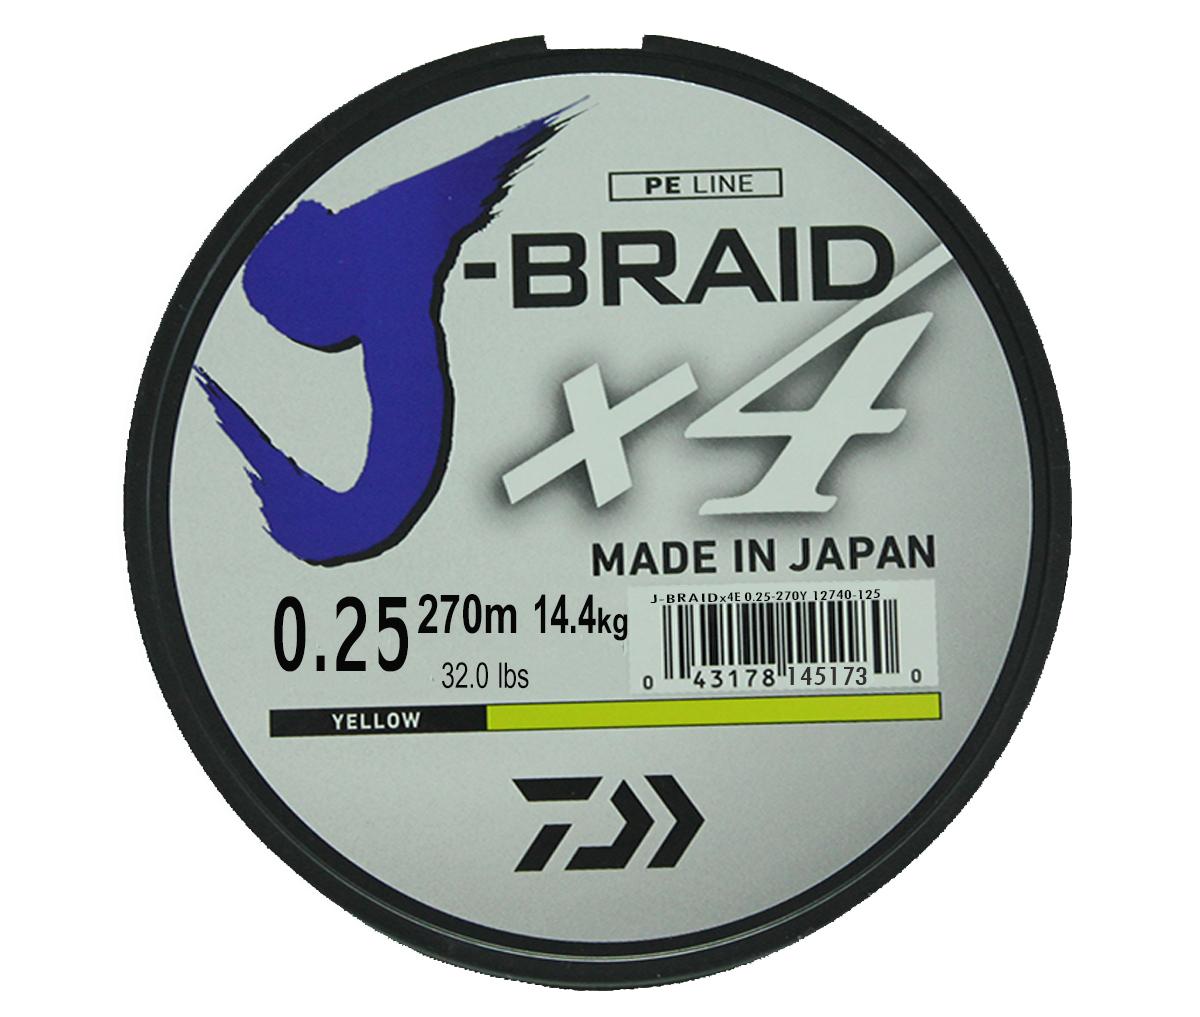 Шнур плетеный Daiwa J-Braid X4, цвет: флуоресцентный желтый, 270 м, 0,25 мм61152Новый 4х жильный шнур J-Braid, DAIWA - шнур высокого класса с удивительным соотношением цены и качества. Качество плетения полностью соответствует японским стандартам и удовлетворяет всем требованиям. Представленные диаметры позволяют использовать шнур для всех техник ловли, начиная от ultra- light ловли окуня, до морской ловли палтуса, трески и т.д